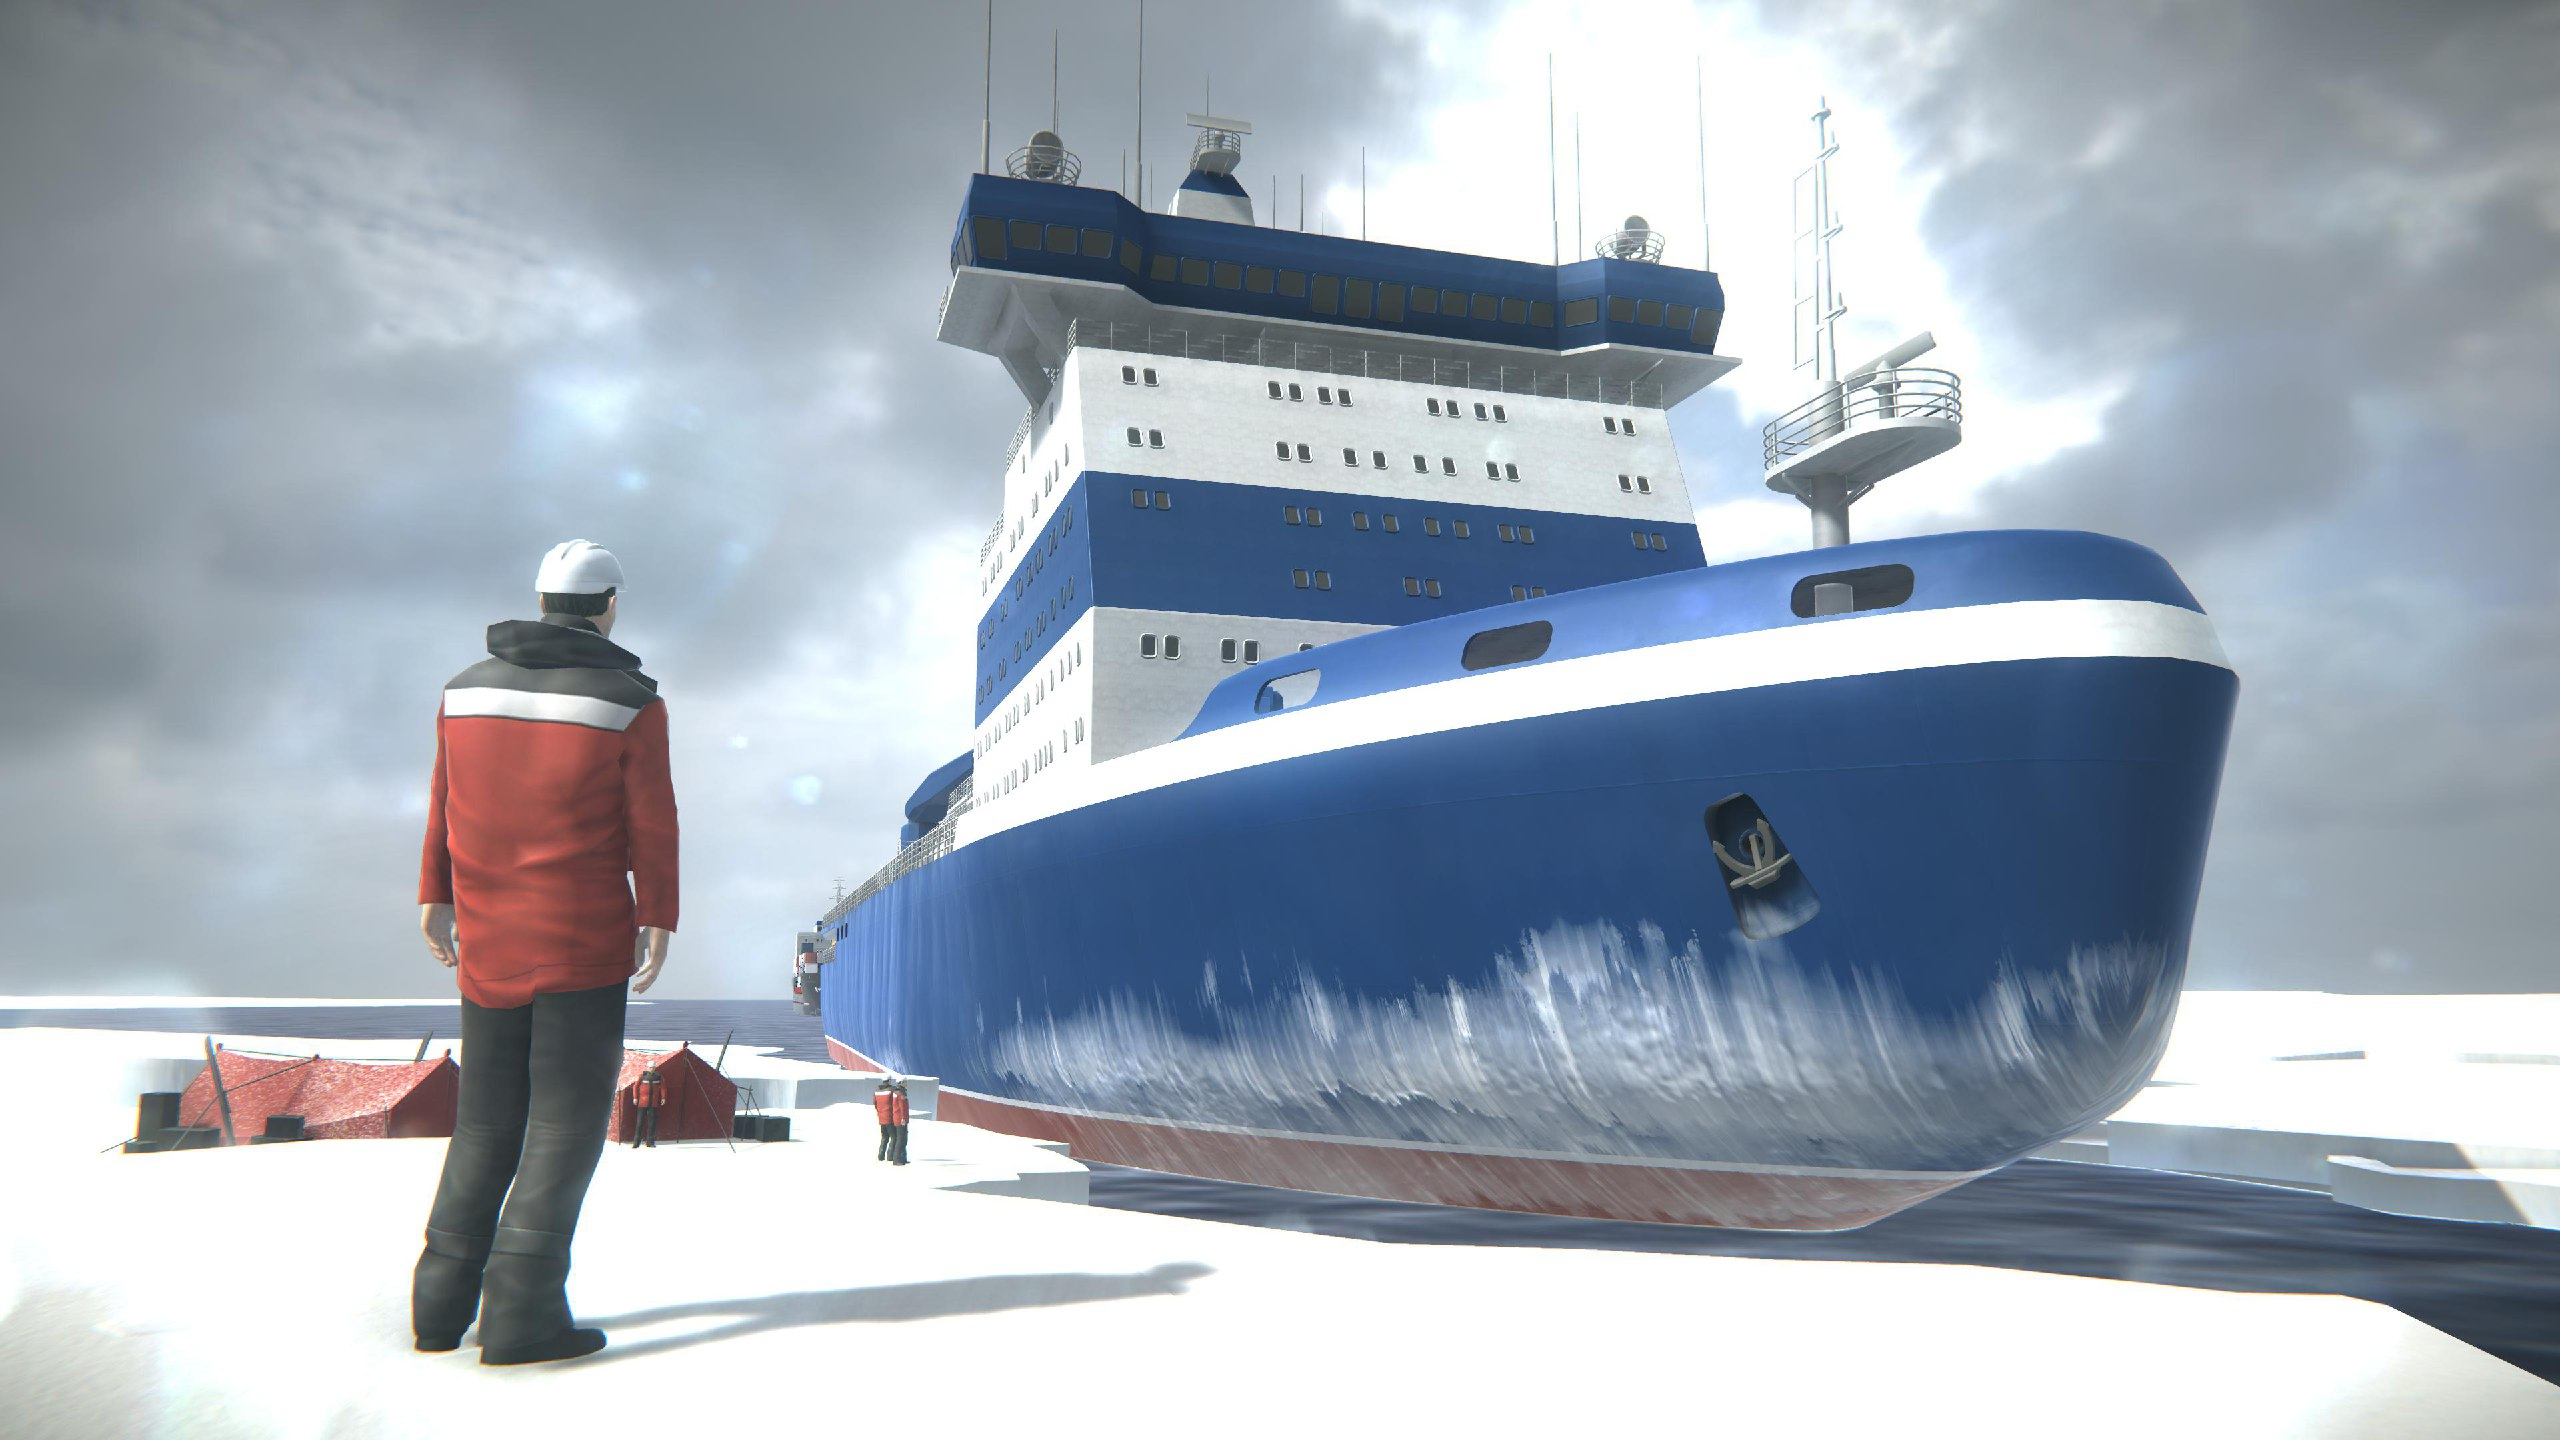 AR-проект «Как это устроено. Атомный ледокол «Арктика» – претендент на победу в Национальной премии «ДВА ПОЛЮСА»